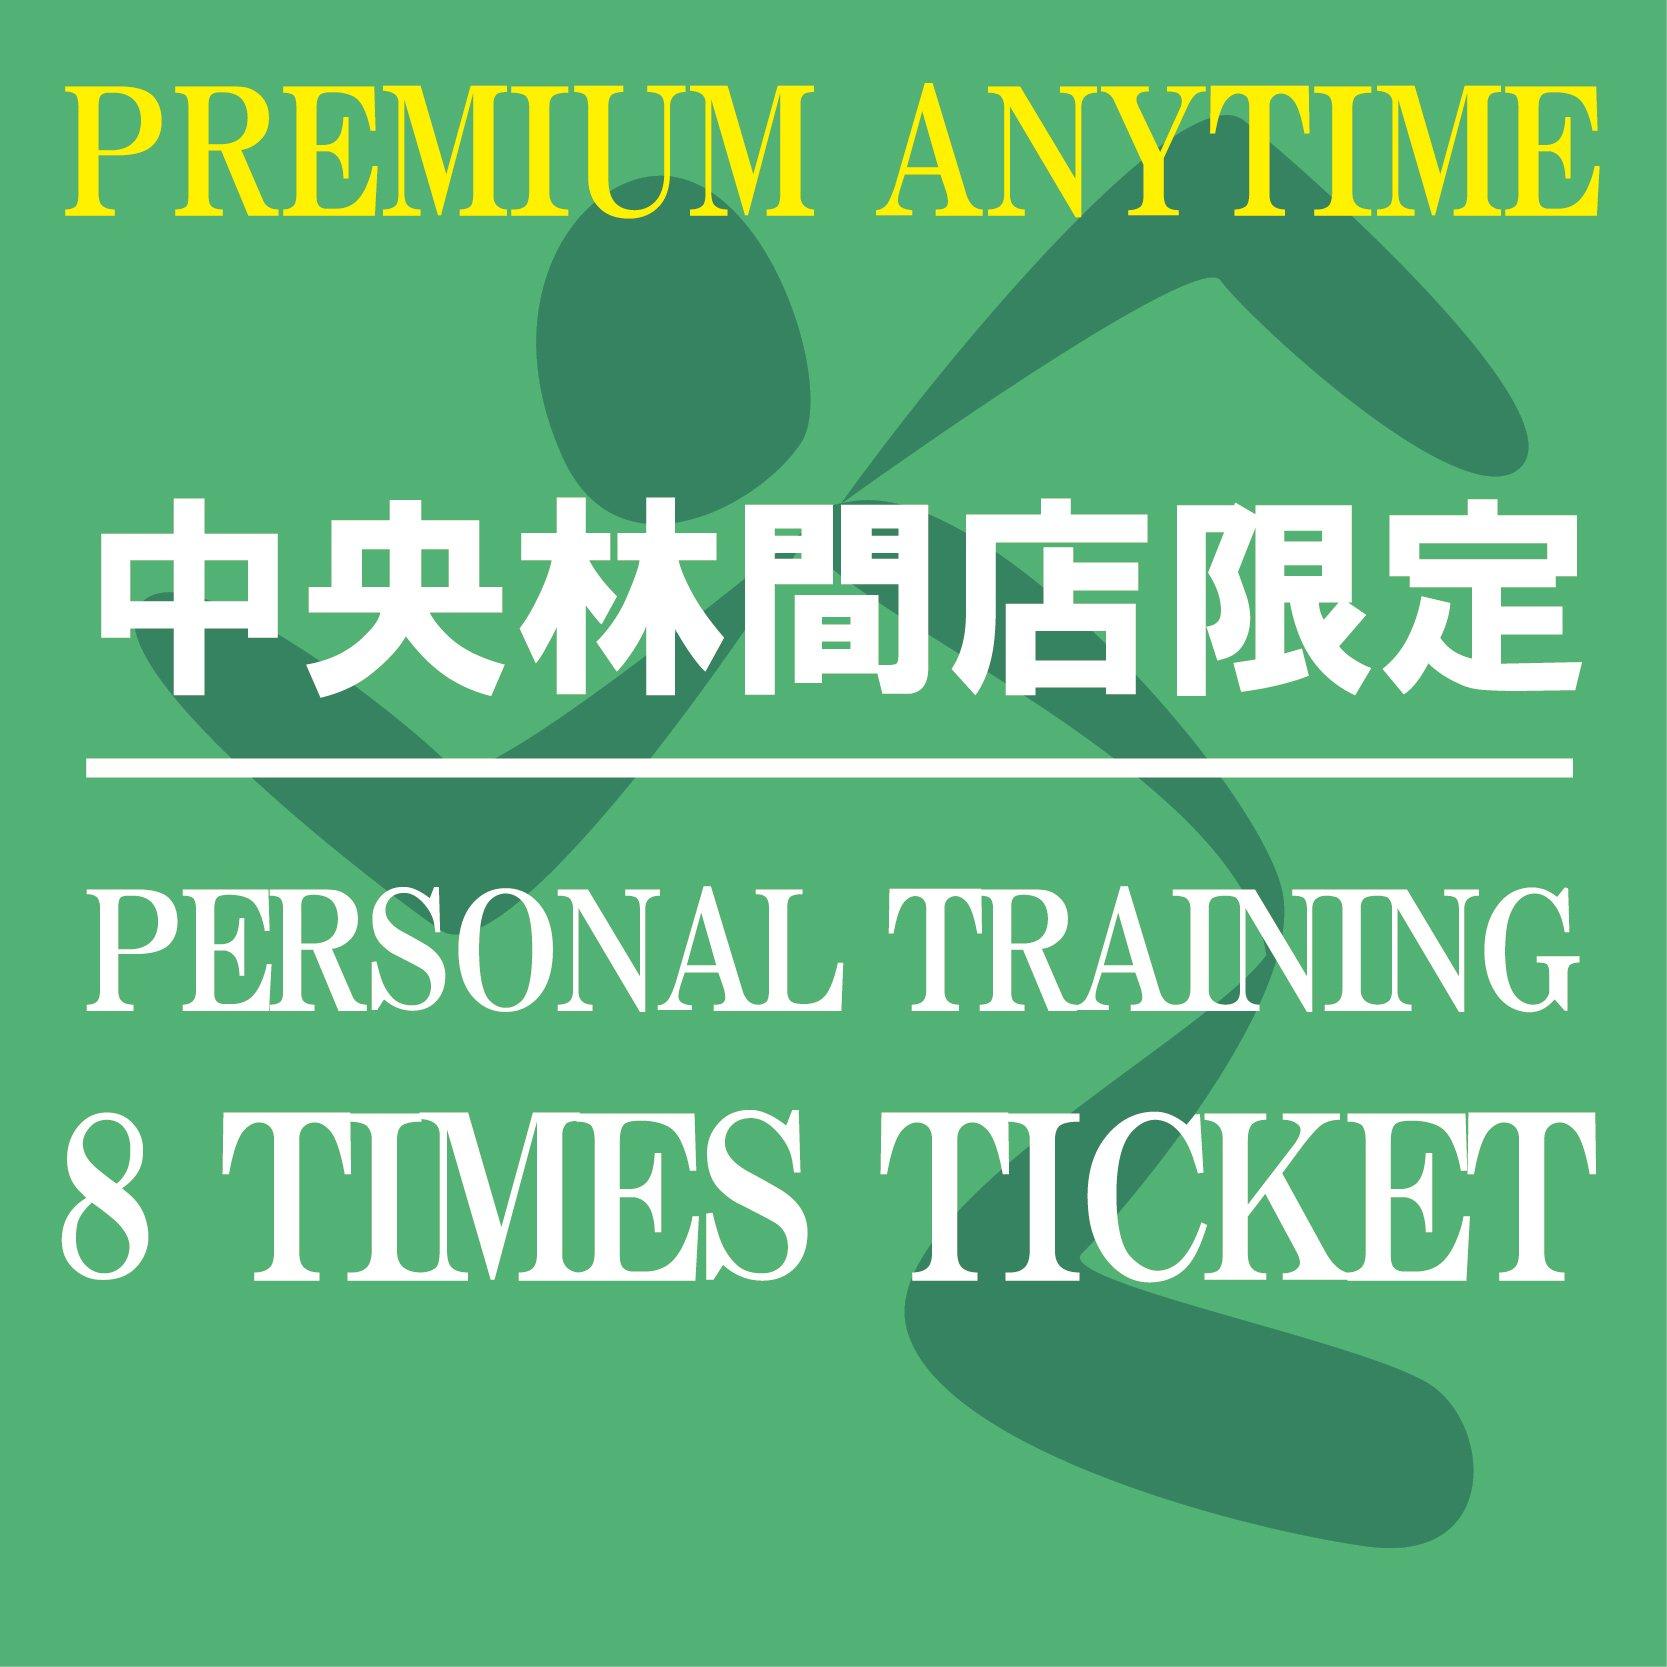 パーソナルトレーニング60分8回チケット〜ANYTIME PREMIUM〜[エニタイムフィットネス中央林間店限定]のイメージその1